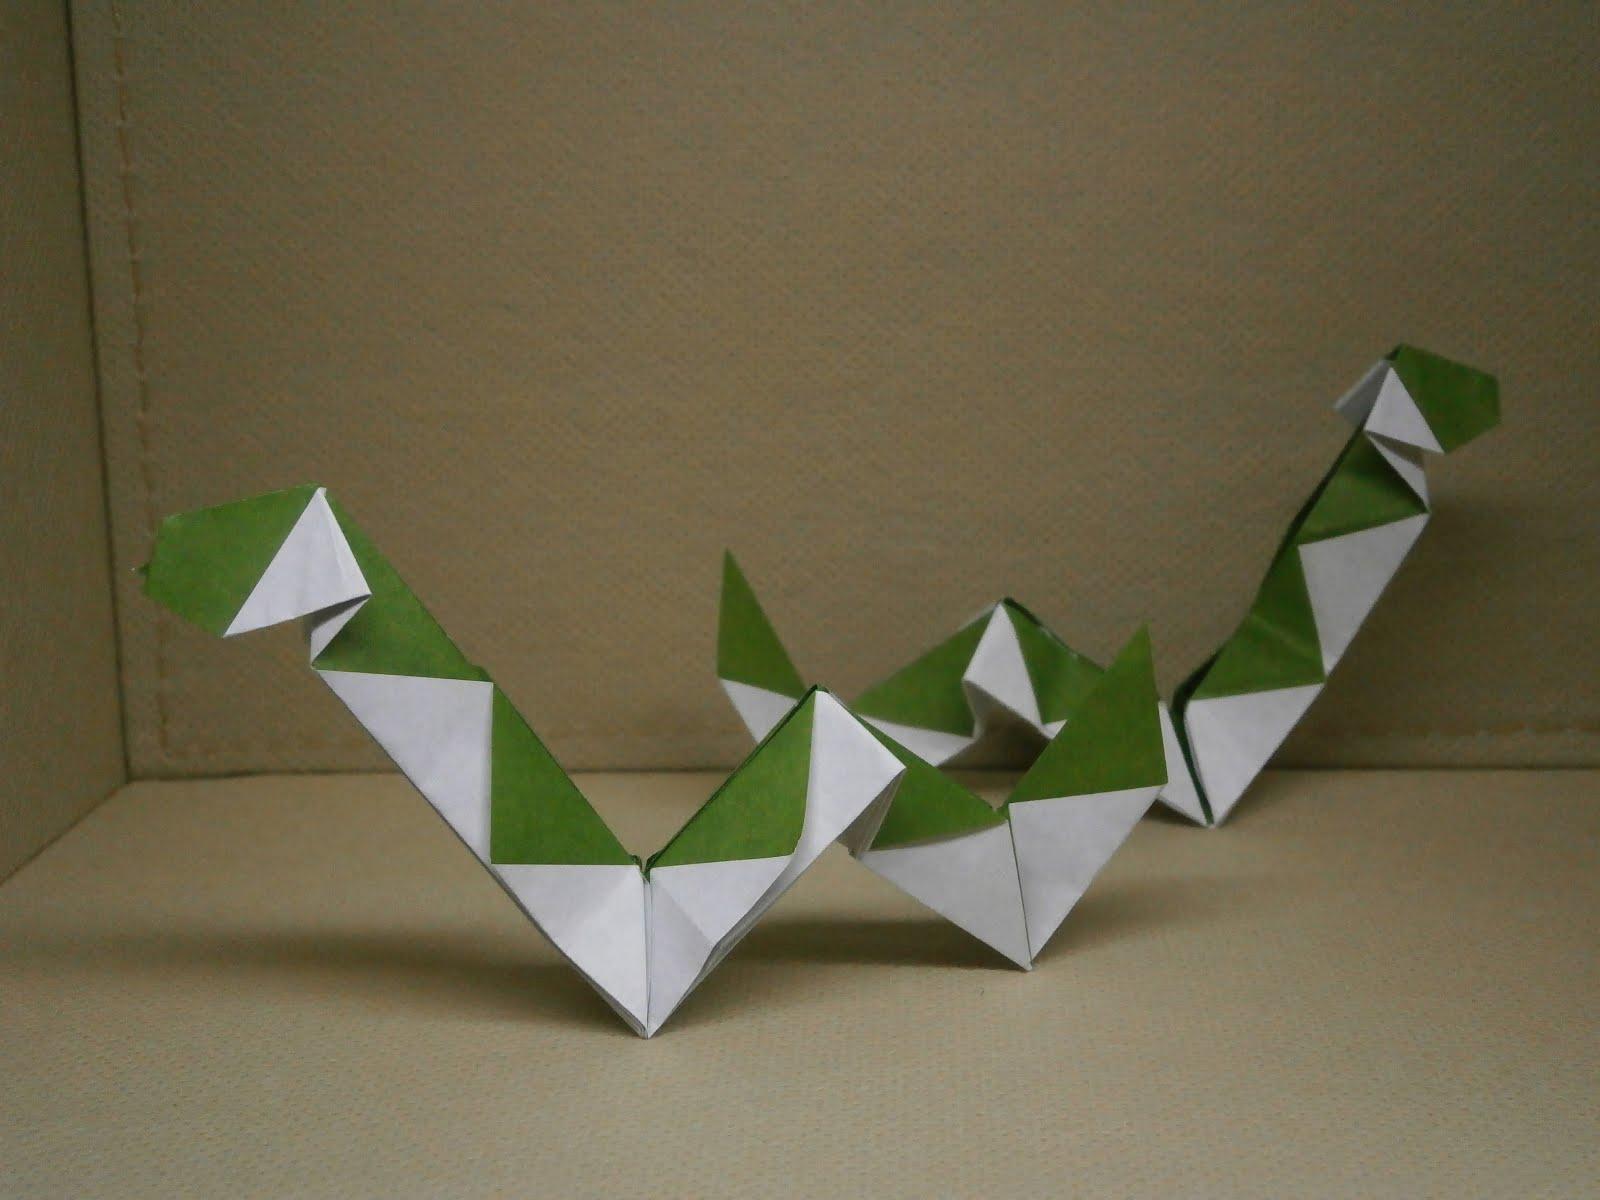 KATAKOTO ORIGAMI: Creation of origami snake that is next ... - photo#4